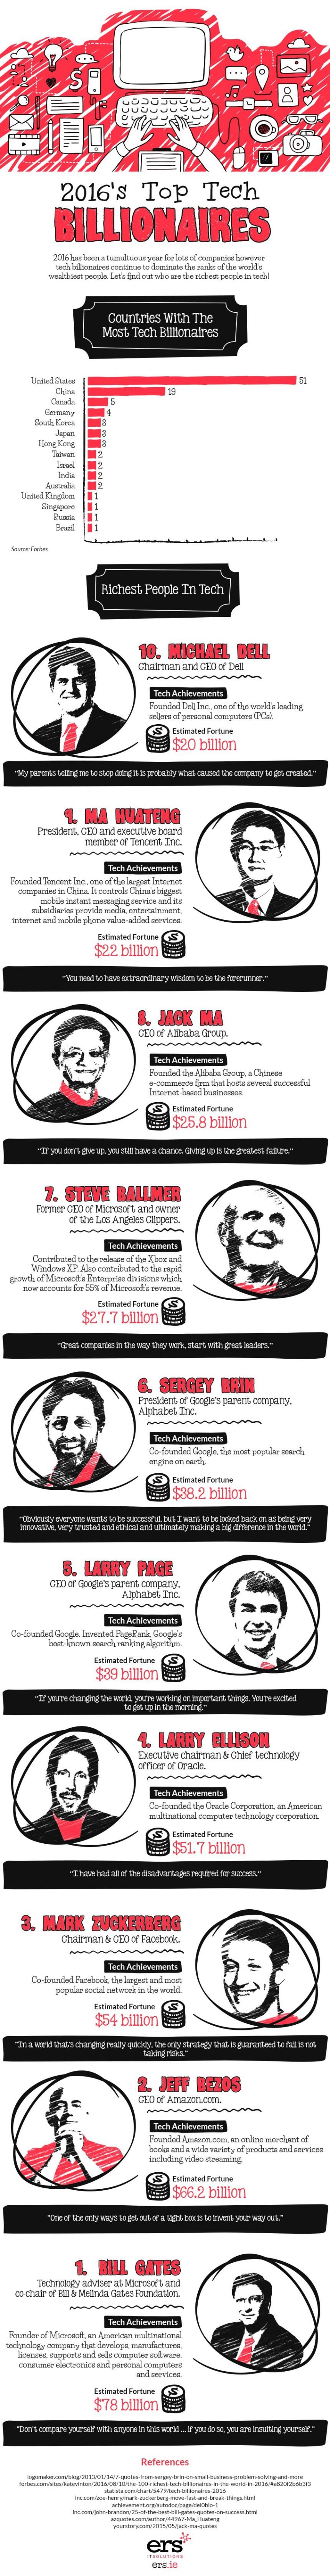 Top 10 más ricos del sector tecnológico